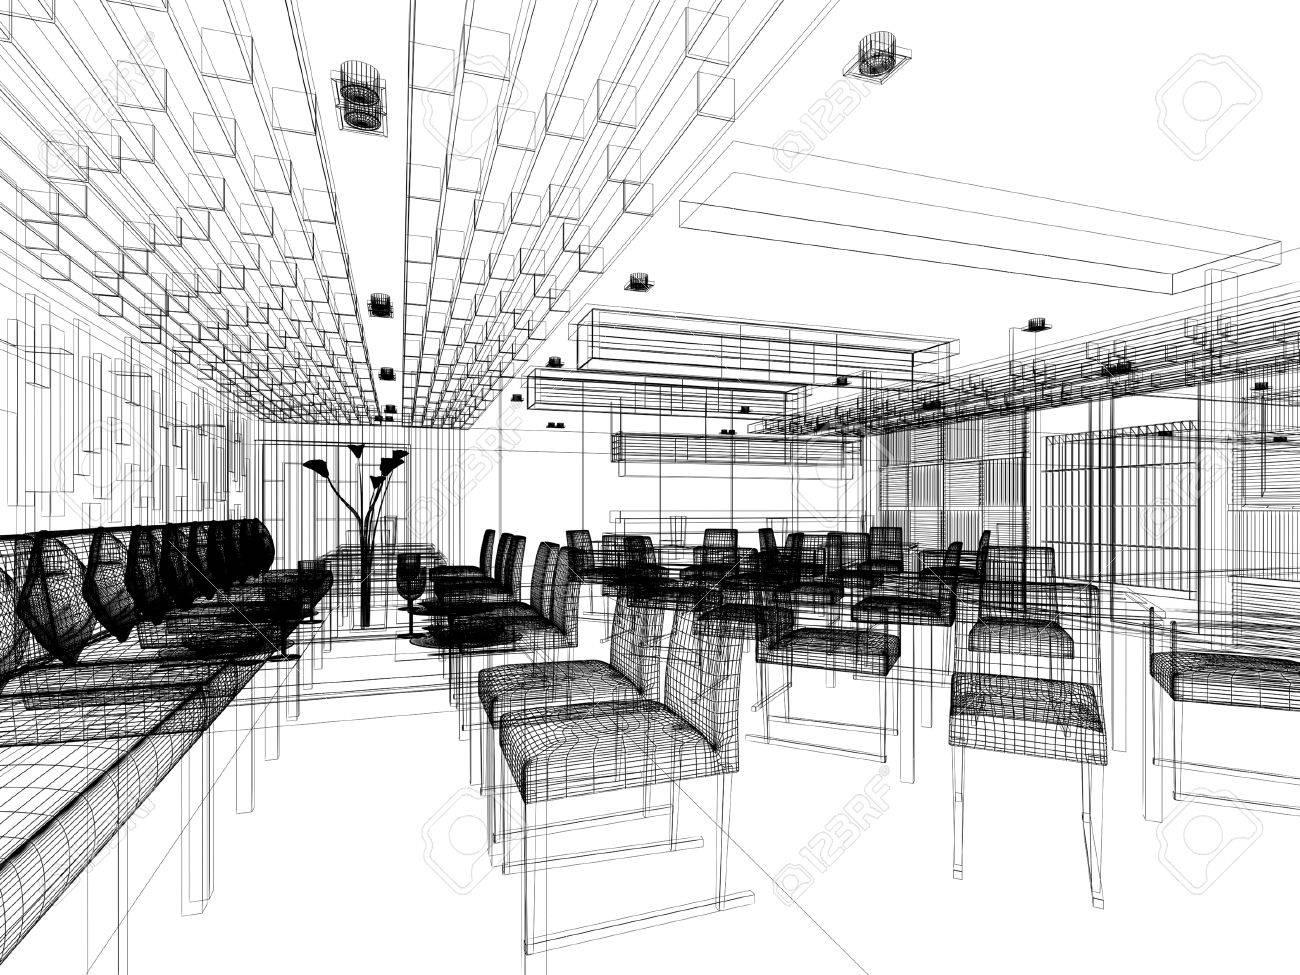 disegno schizzo degli interni del ristorante Archivio Fotografico - 28138536